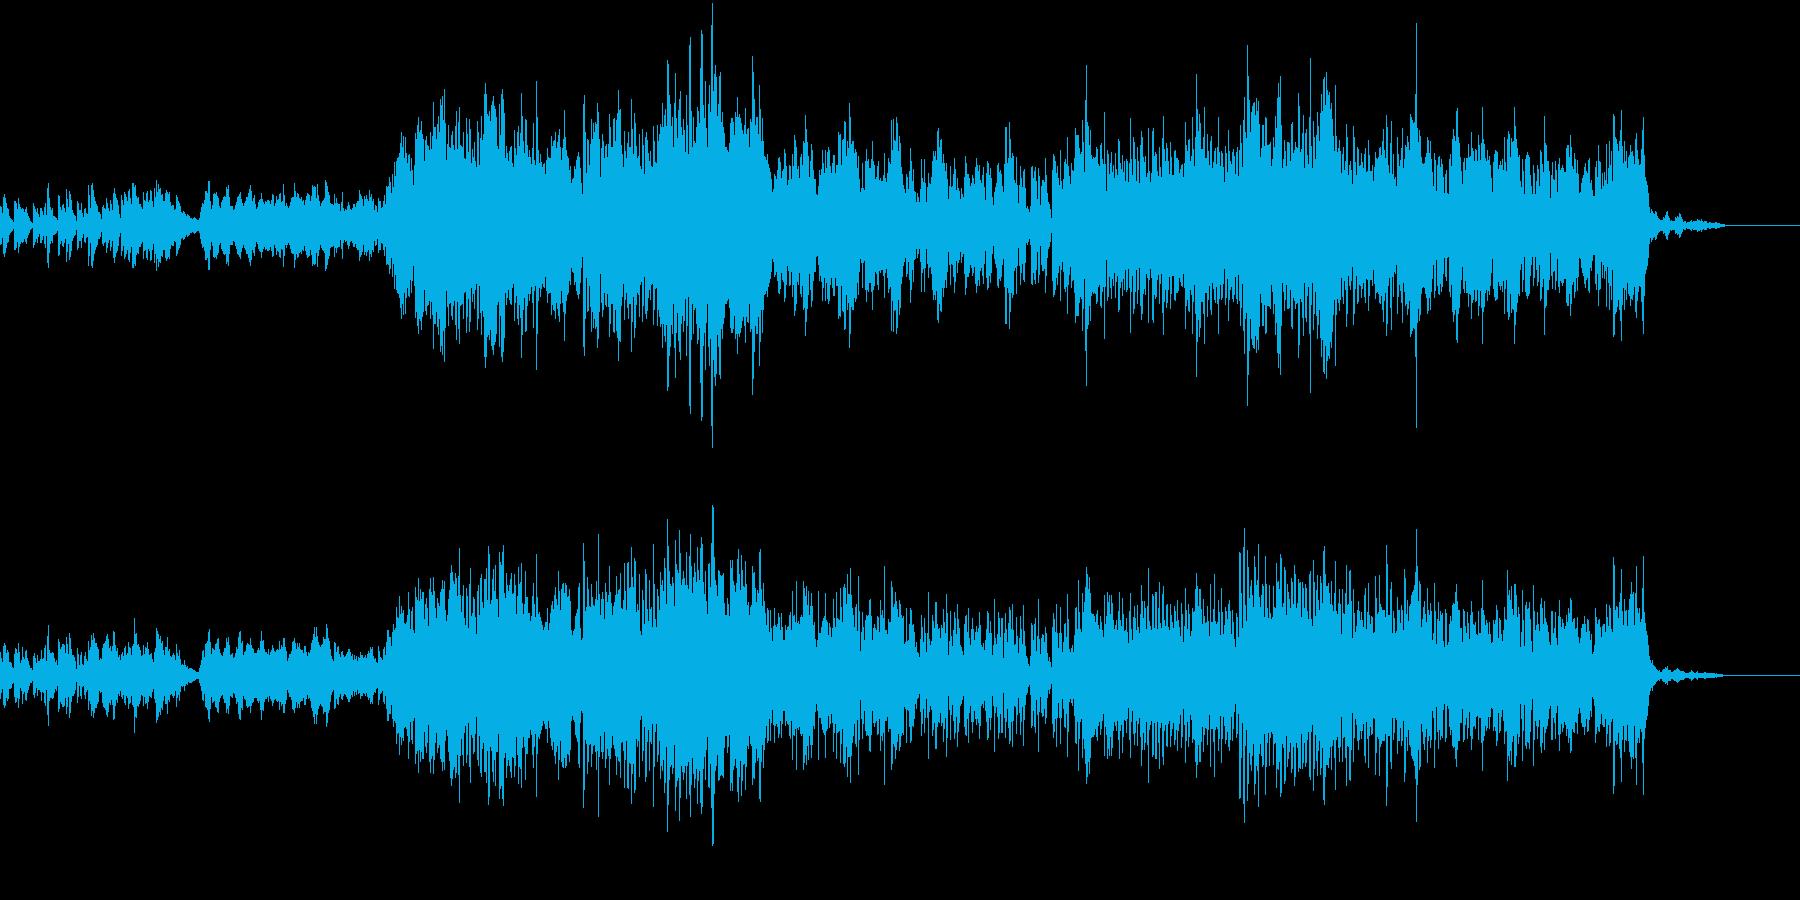 煉瓦の街のオーケストラ_ノスタルジックの再生済みの波形